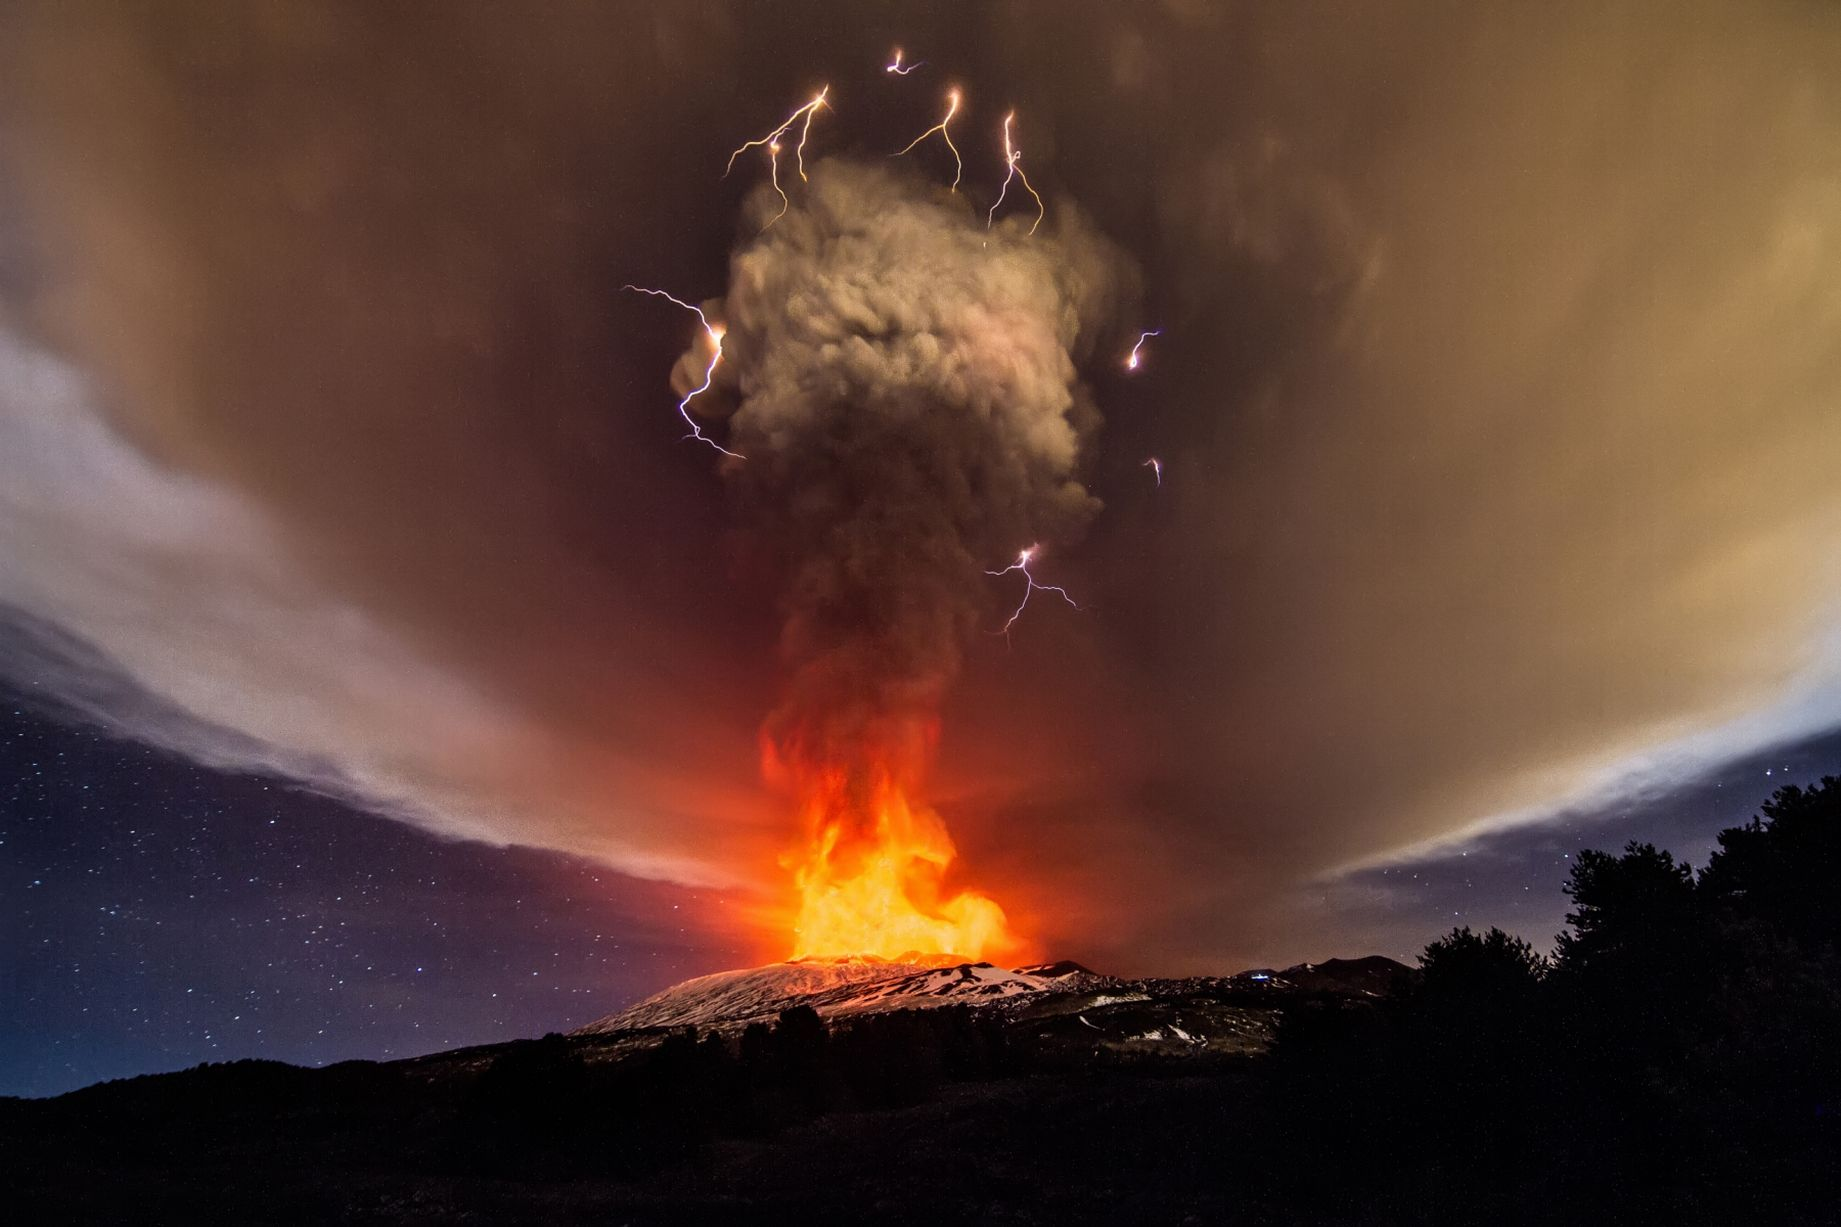 imagenes de una belleza extraordinaria que nos muestran lo perfecto que es nuestro planeta 2